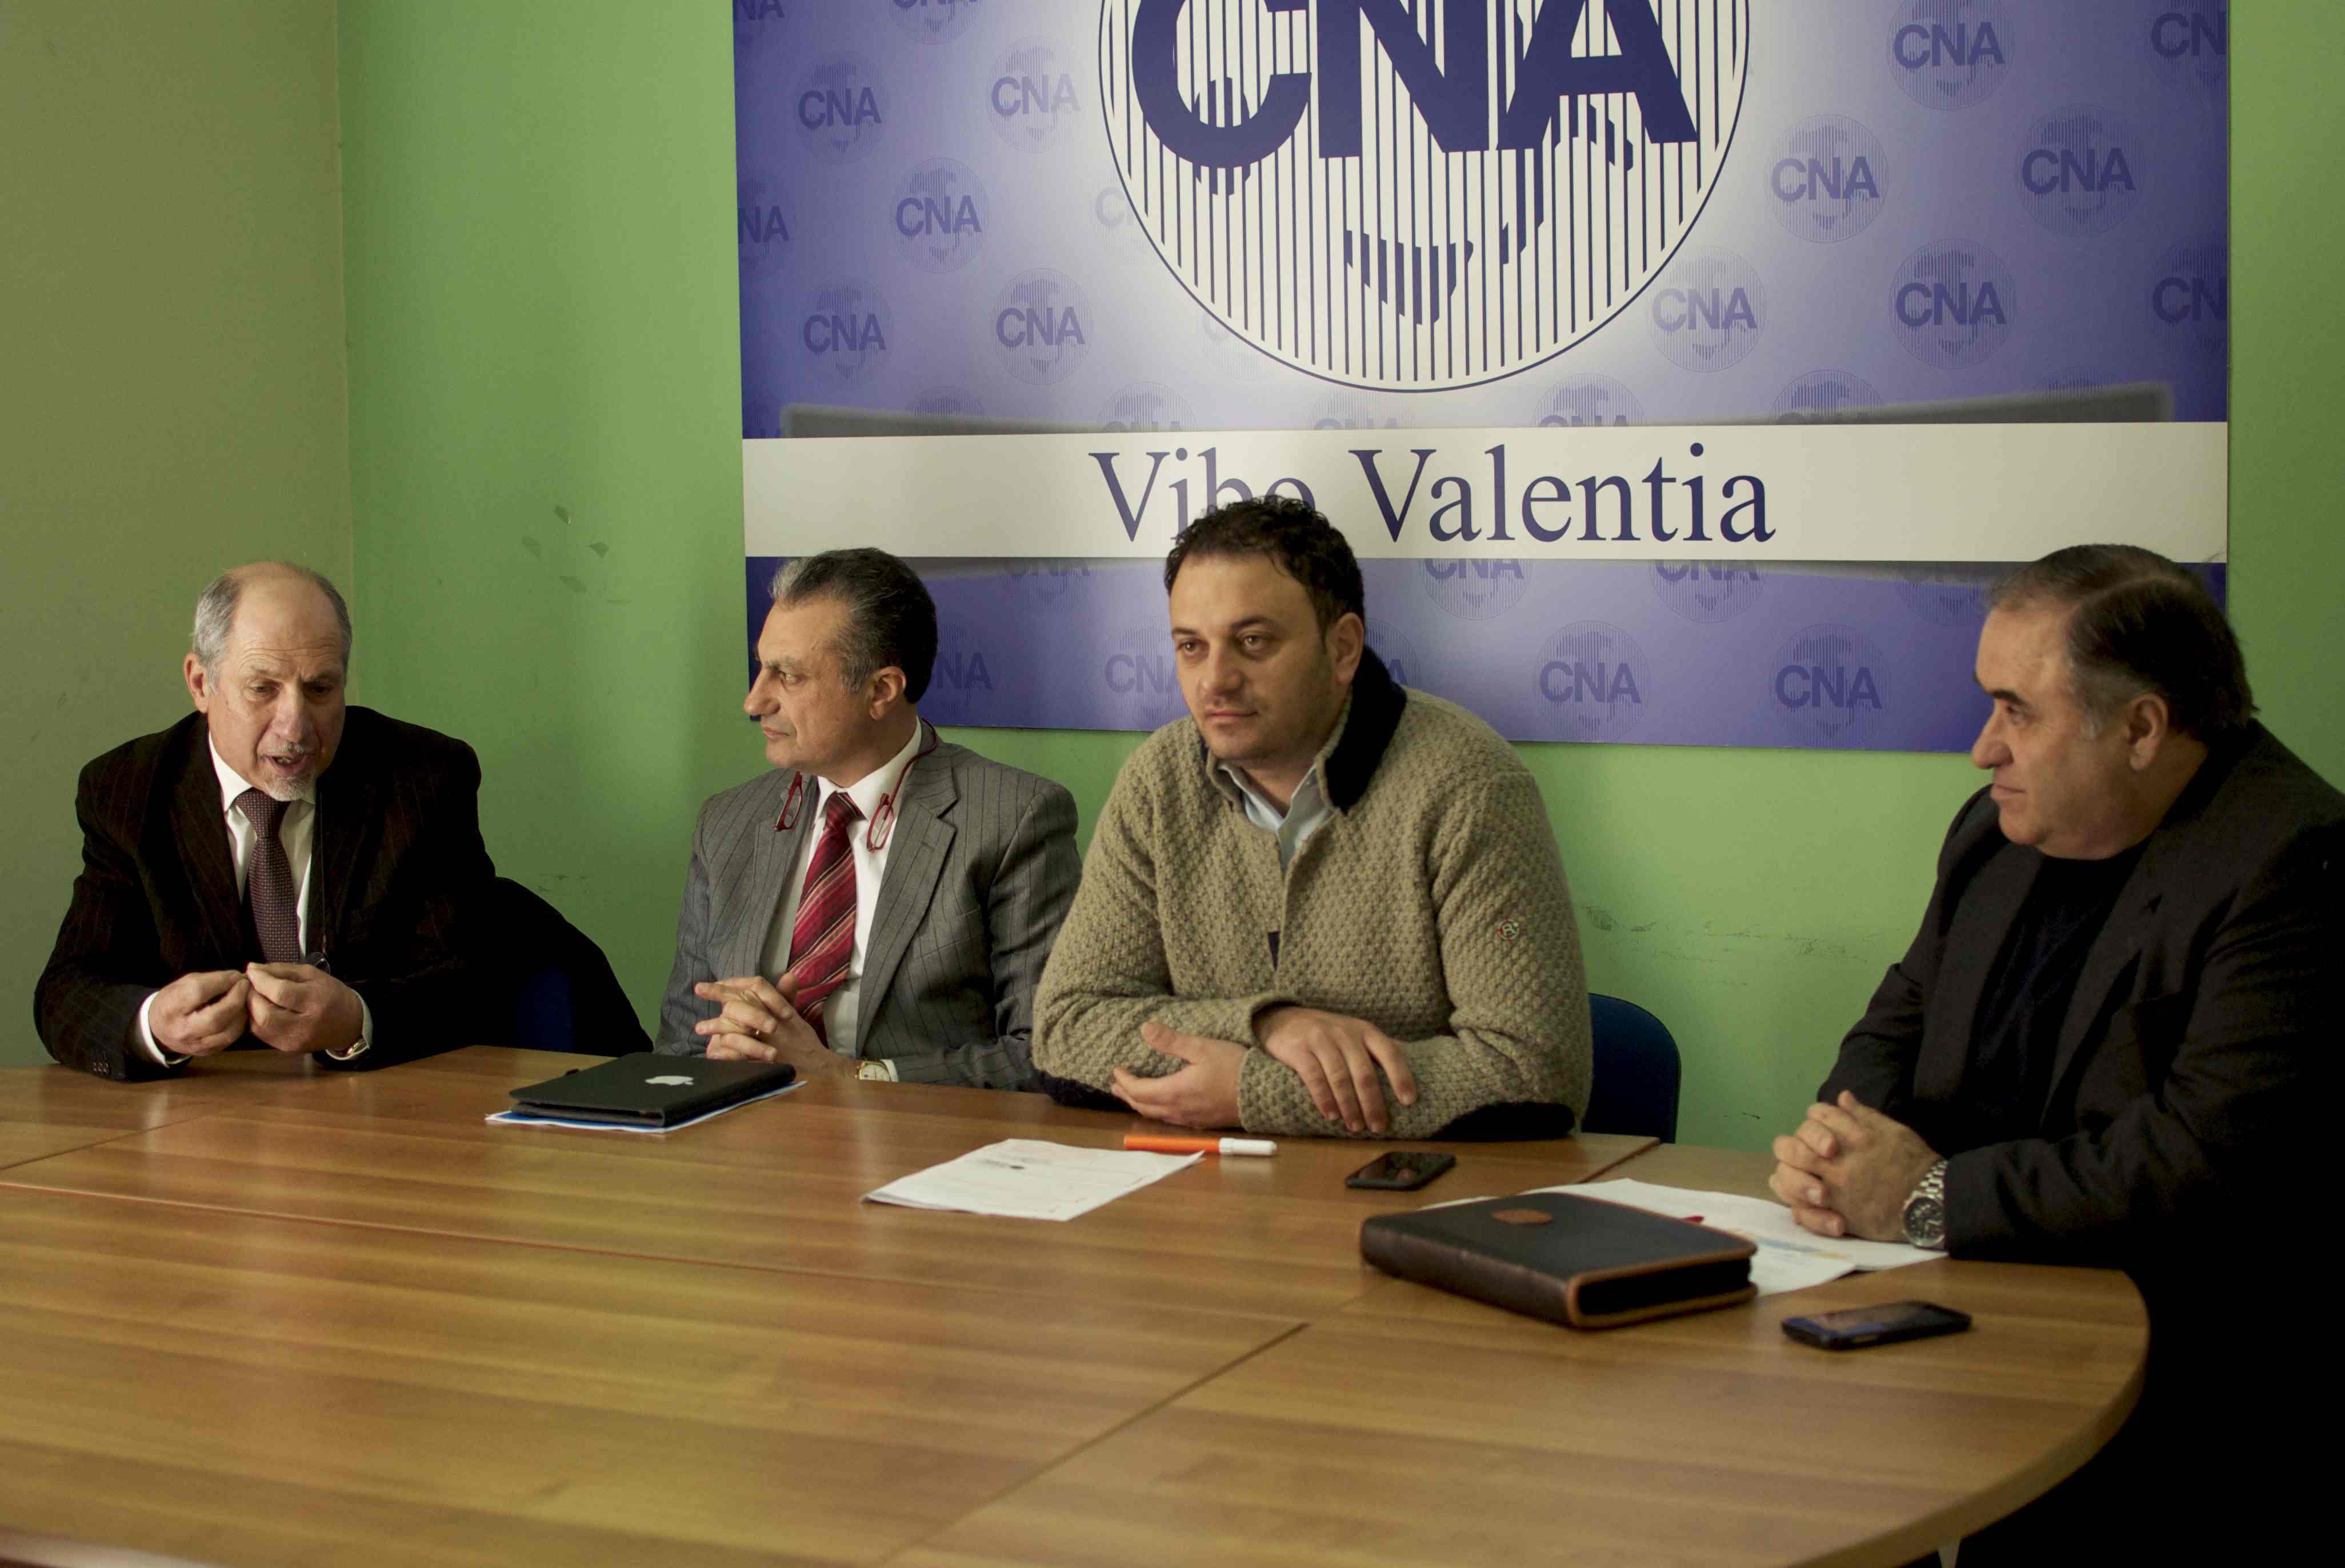 Cna Bcc